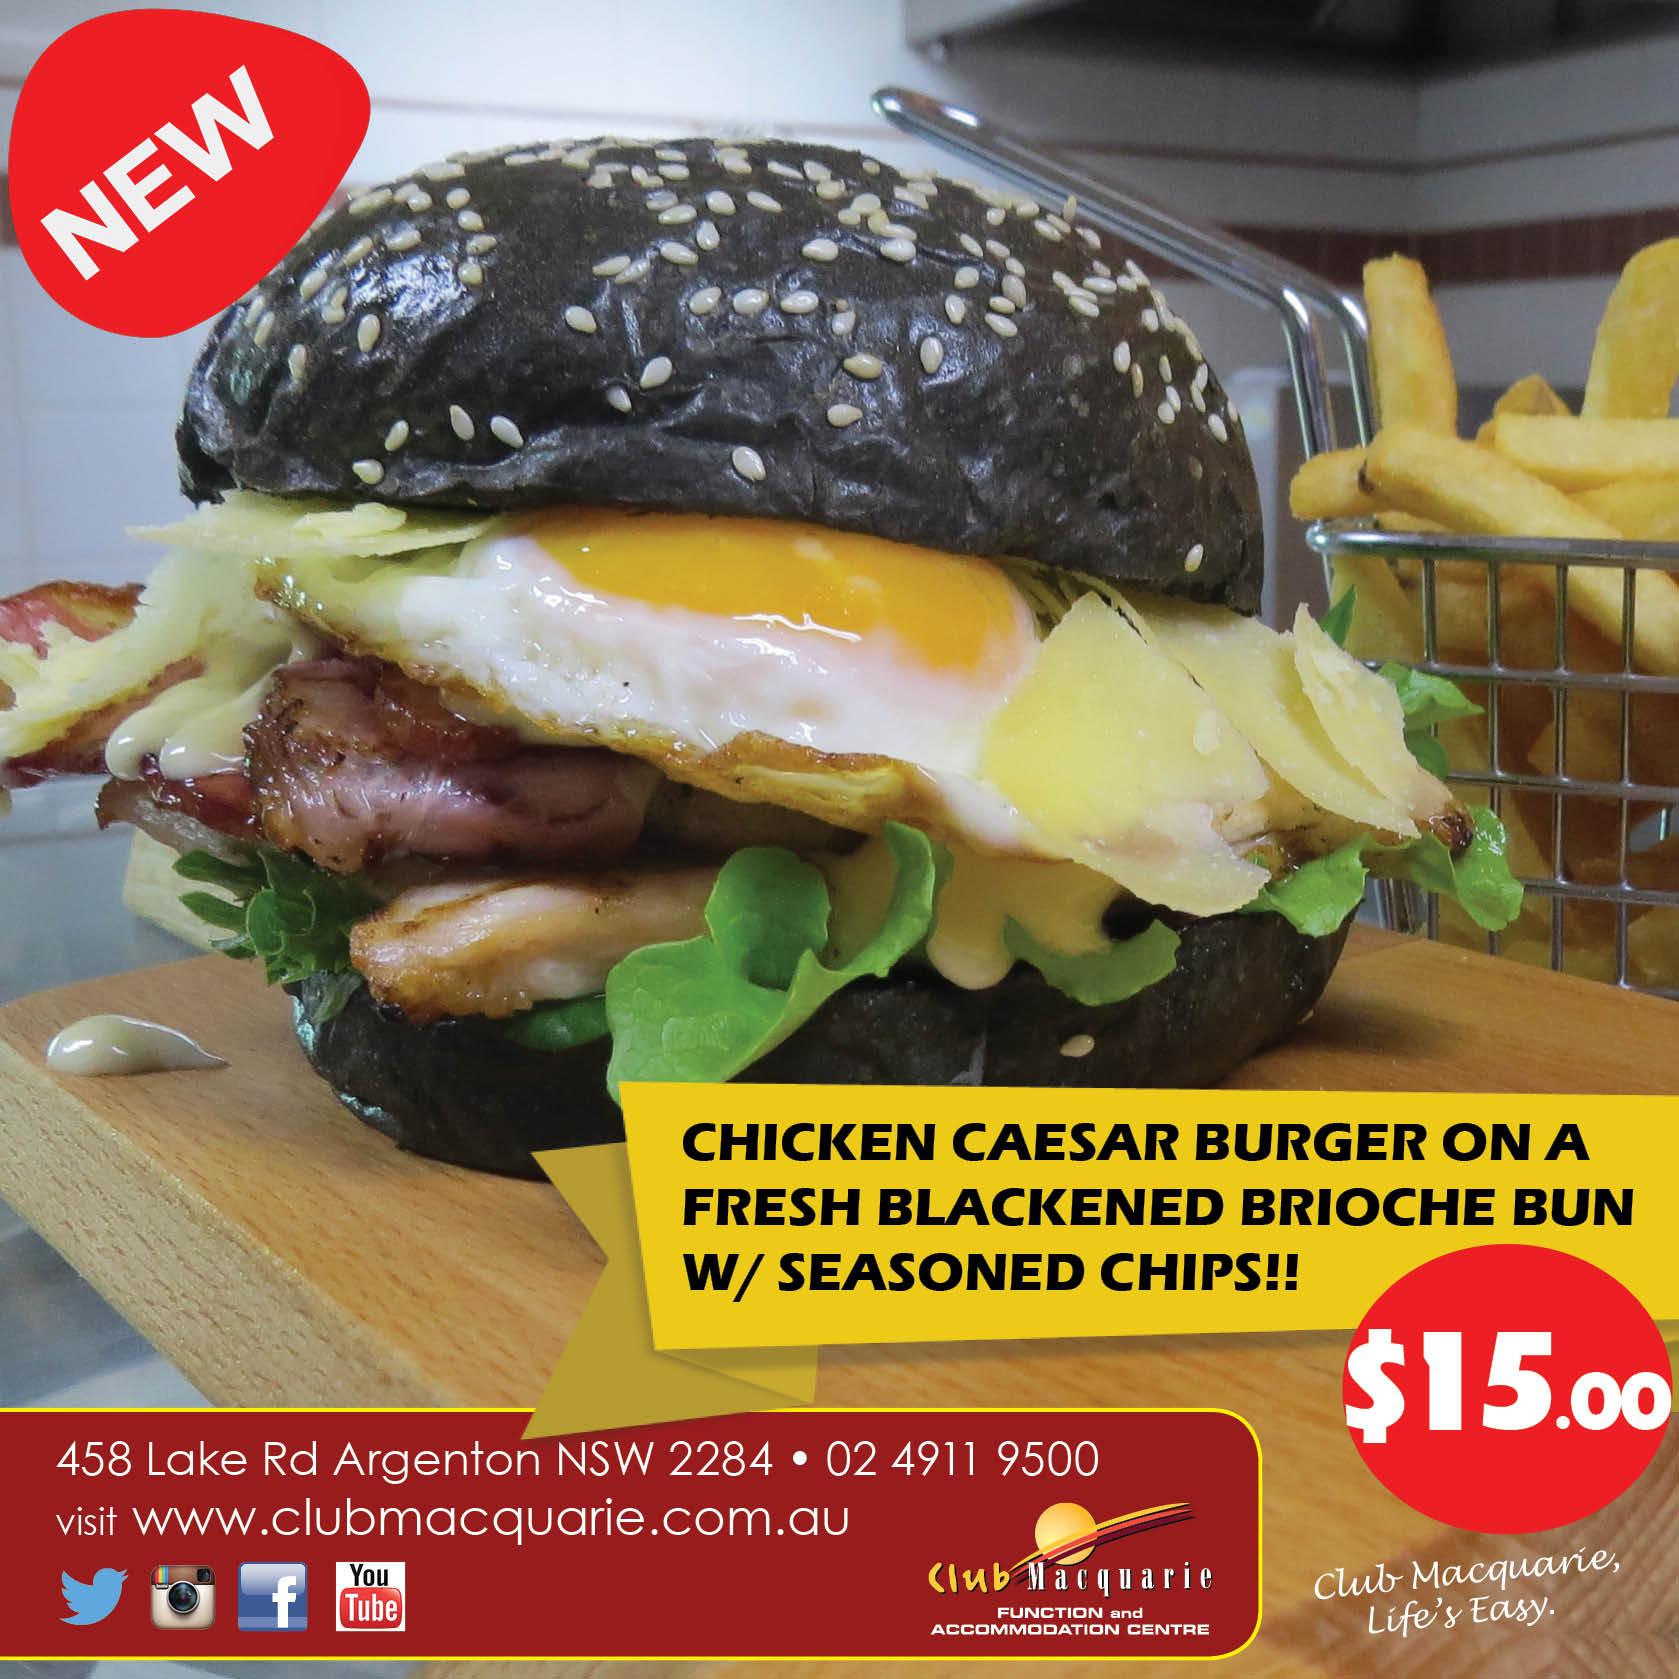 Chicken Caeser Deal fb post